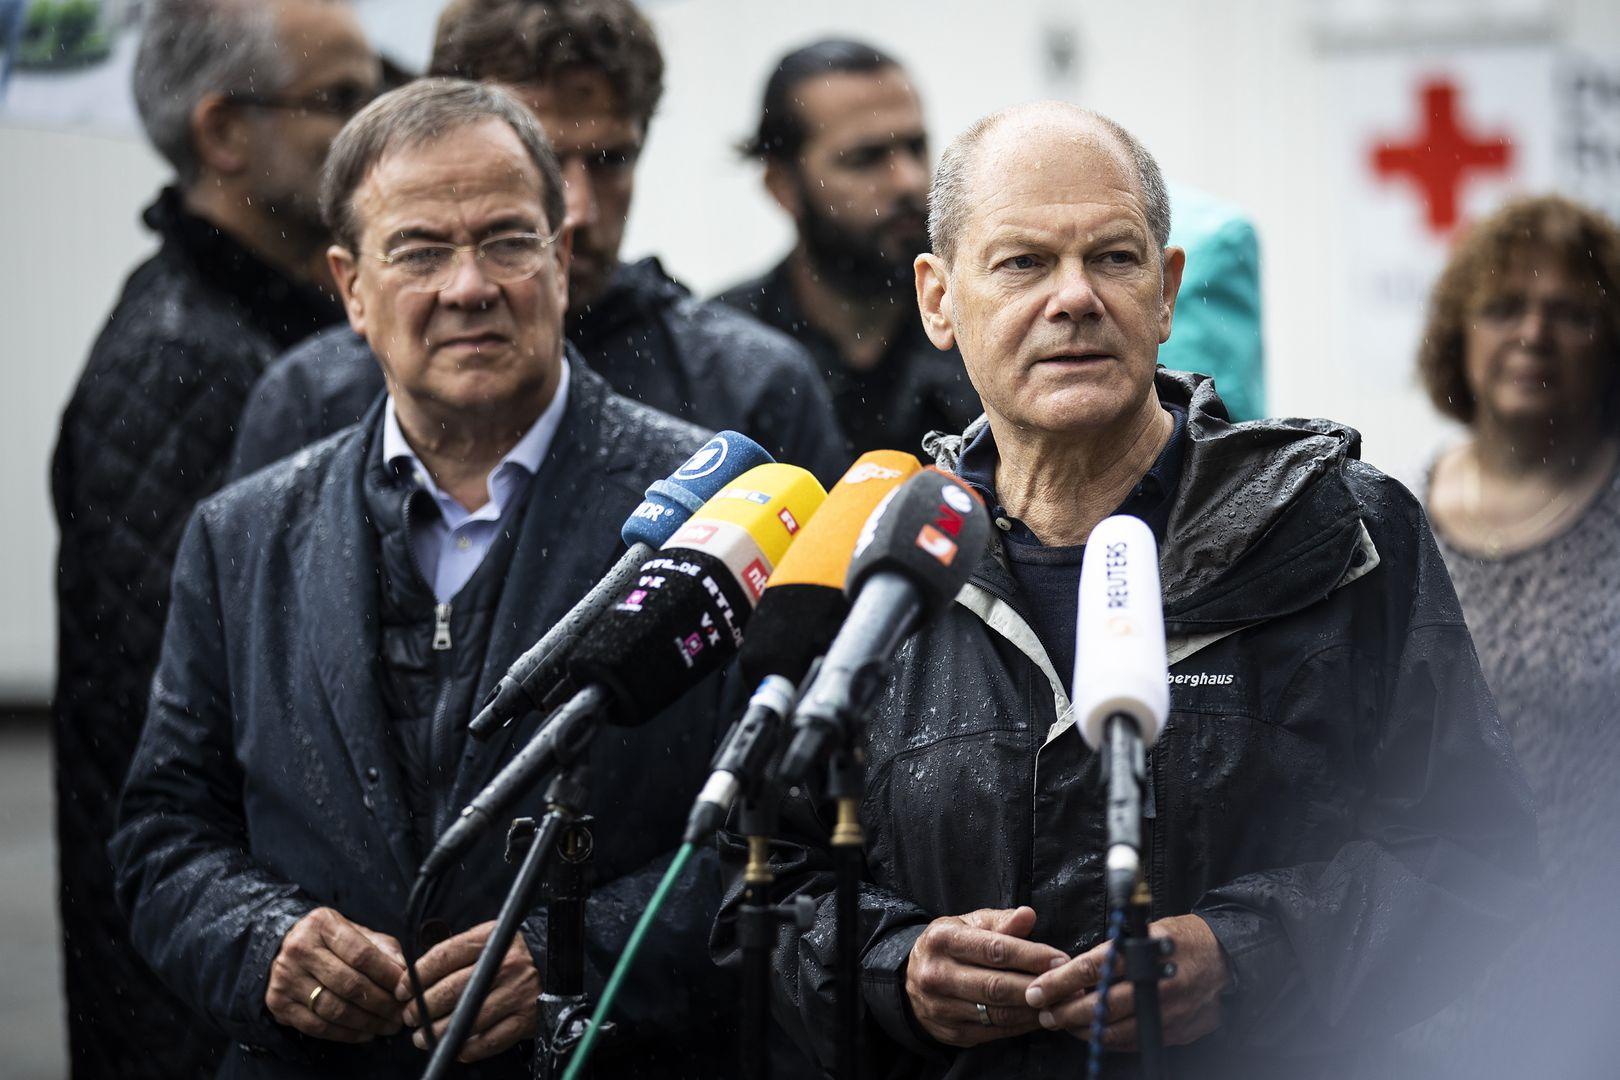 Armin Laschet i Olaf Scholz konkurują o fotel kanclerza Niemiec. Ich partie w wyborach do Bundestagu osiągnęły remis z nieznacznym wskazaniem na SPD, czyli partię socjaldemokratów Scholza. Na zdjęciu obaj rywale podczas wizyty w dotkniętym powodzią mieście Stolberg